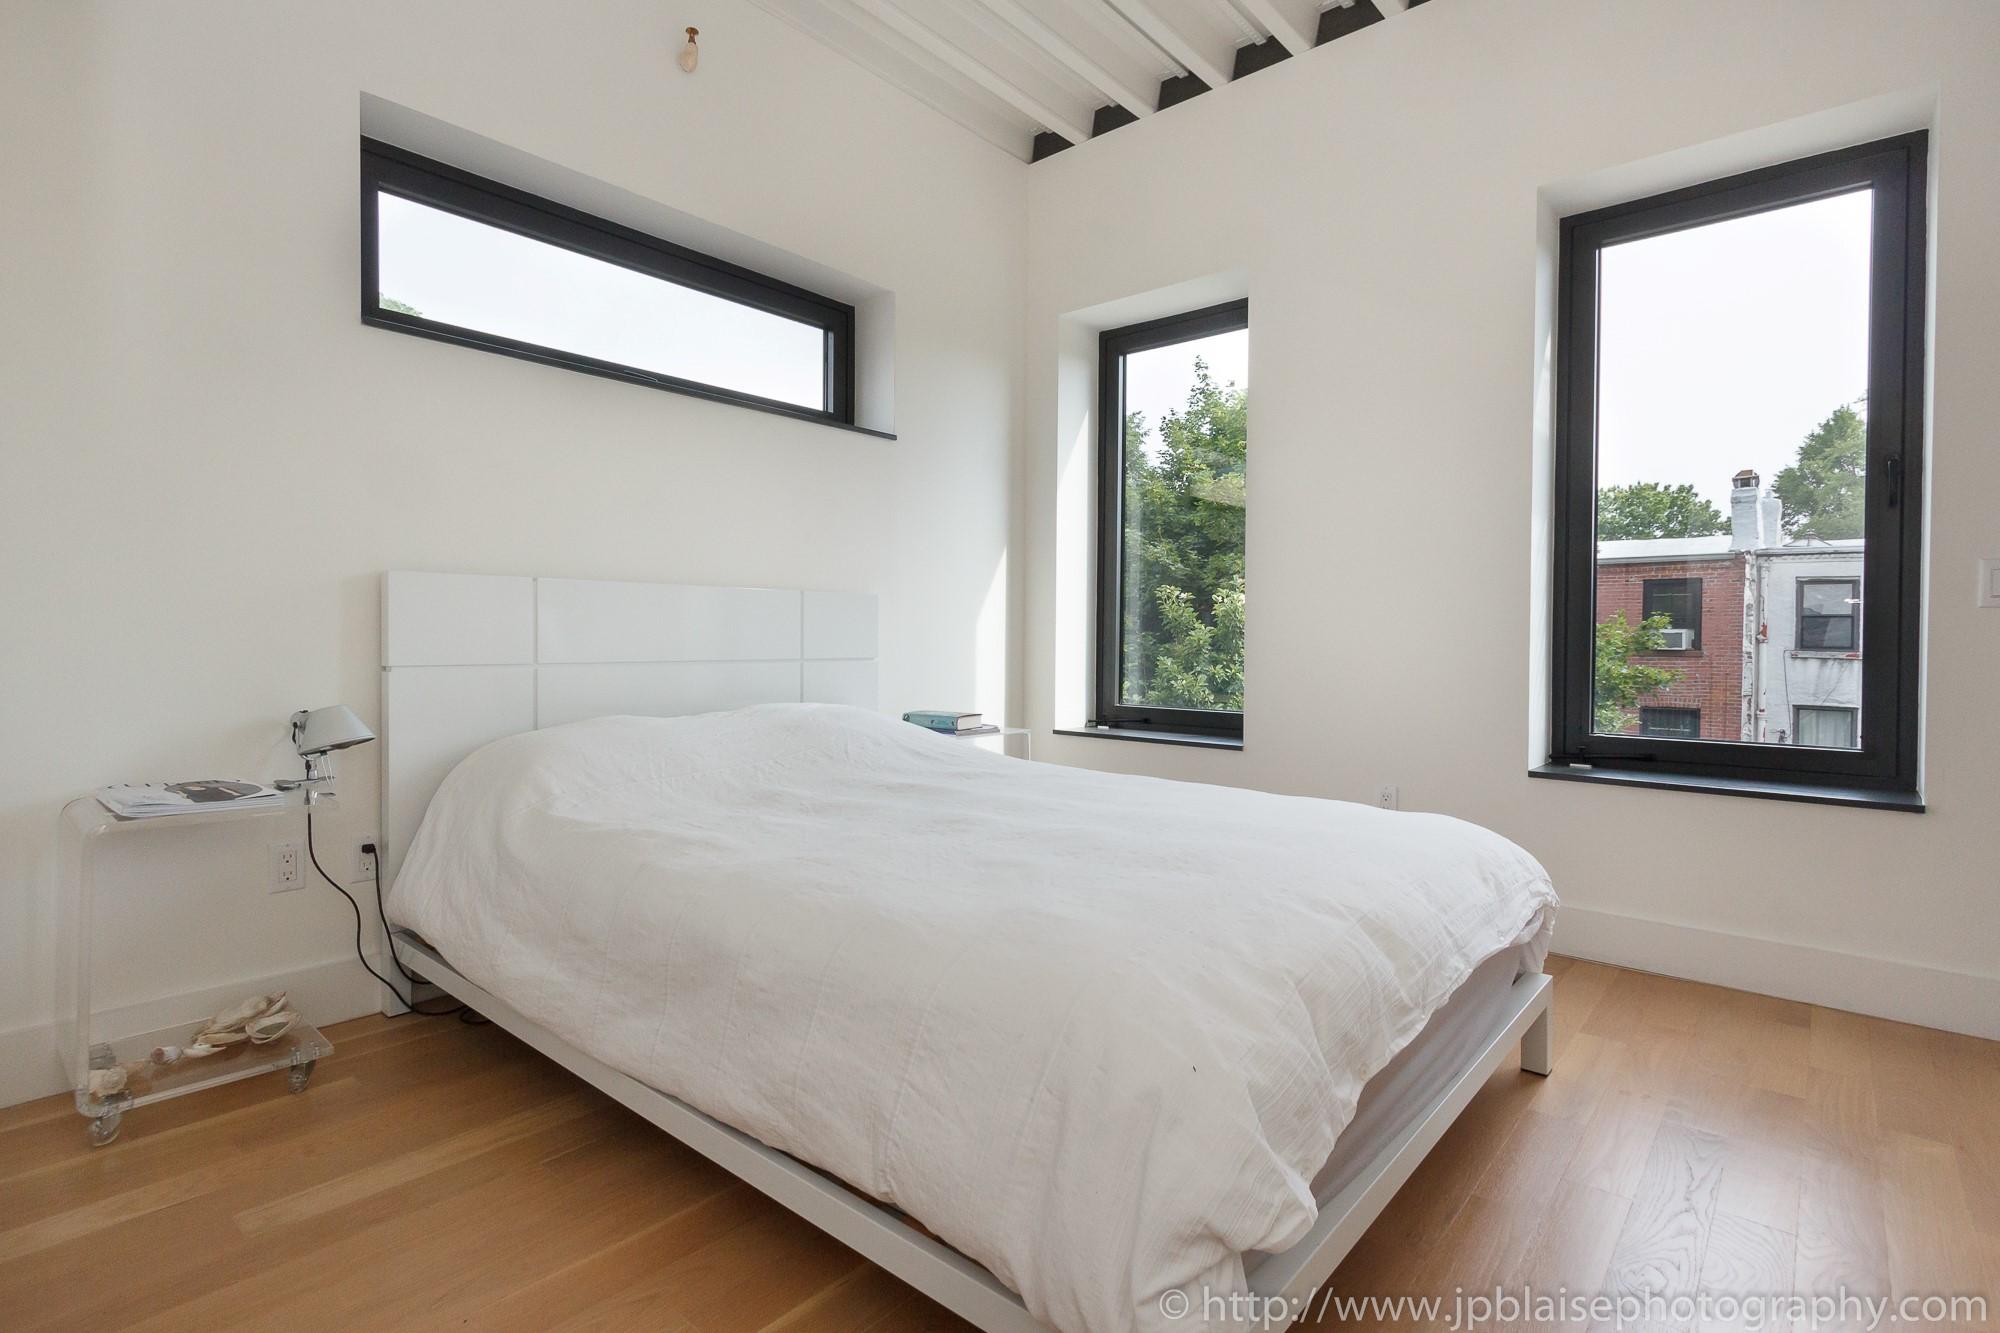 3 Bedroom Condos In Brooklyn Bedroom Review Design